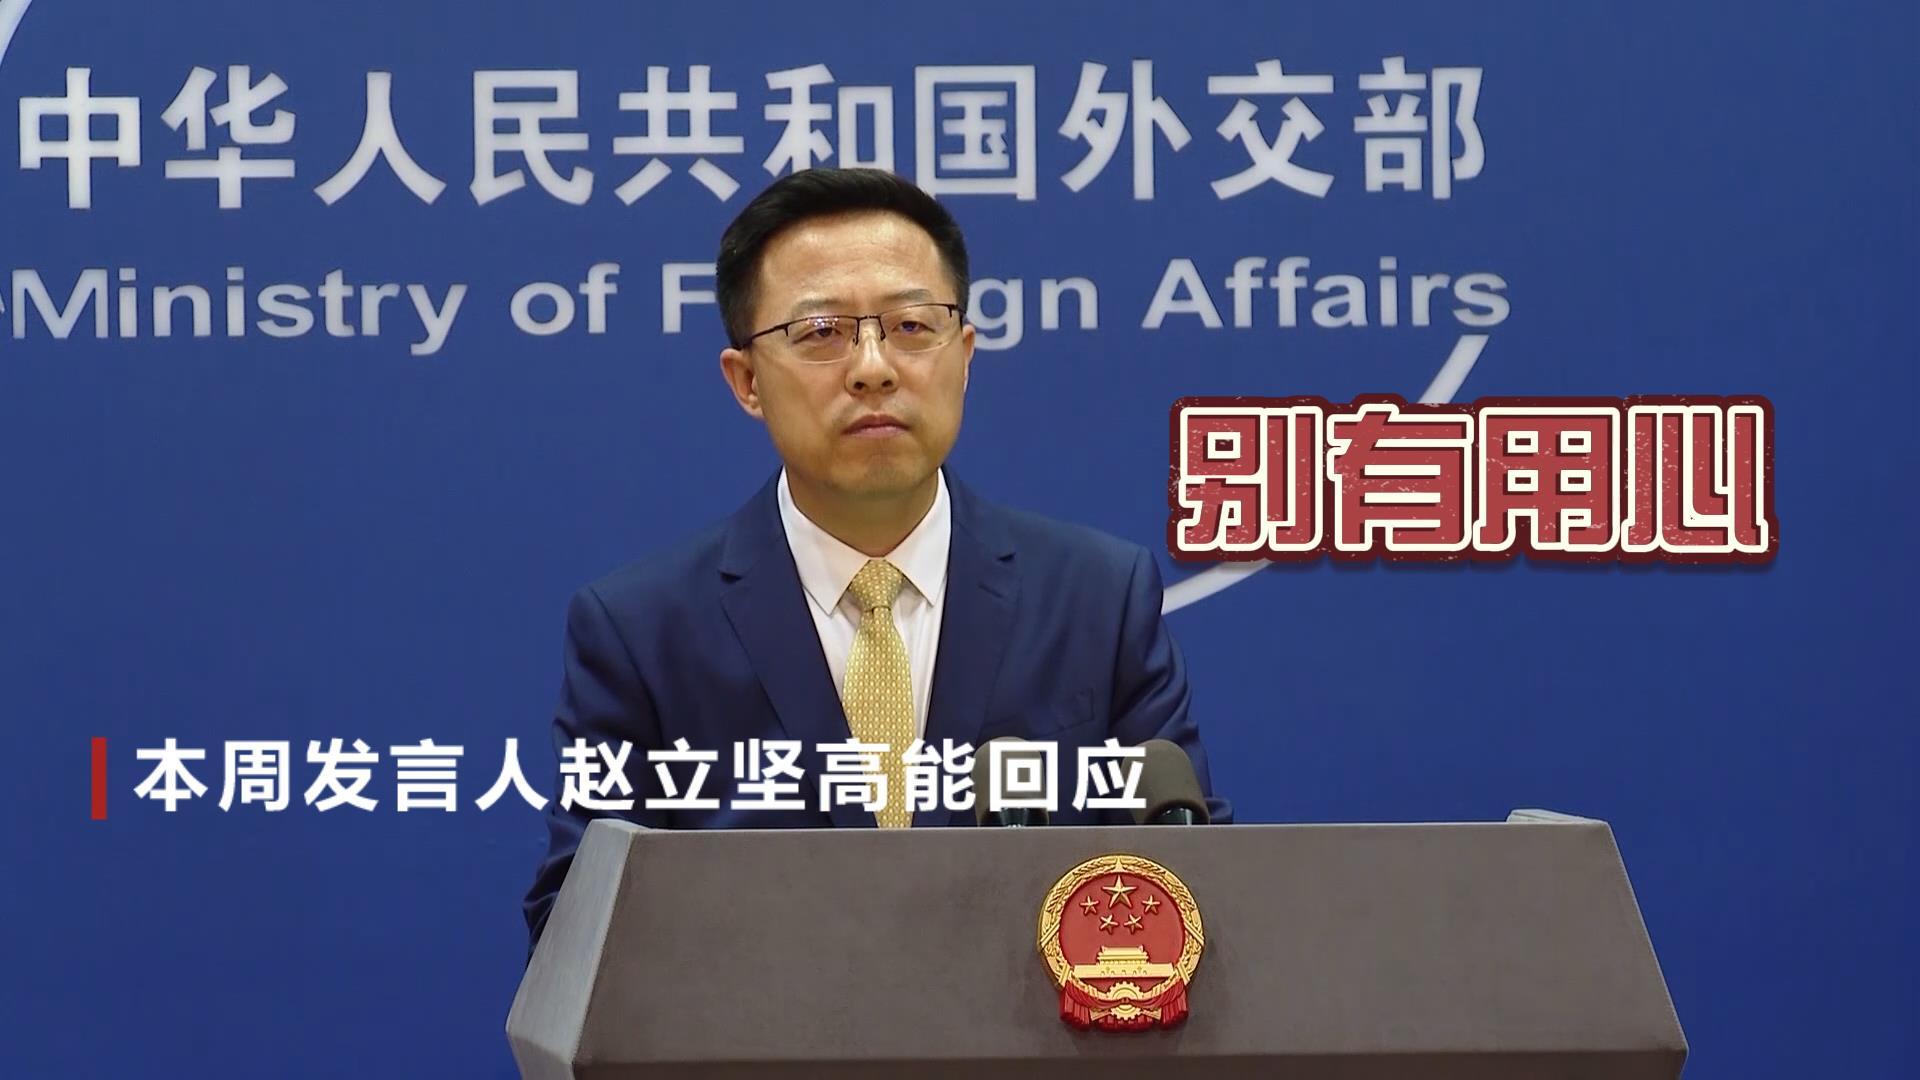 一周發言 六月第4周外交部記者會高能集錦